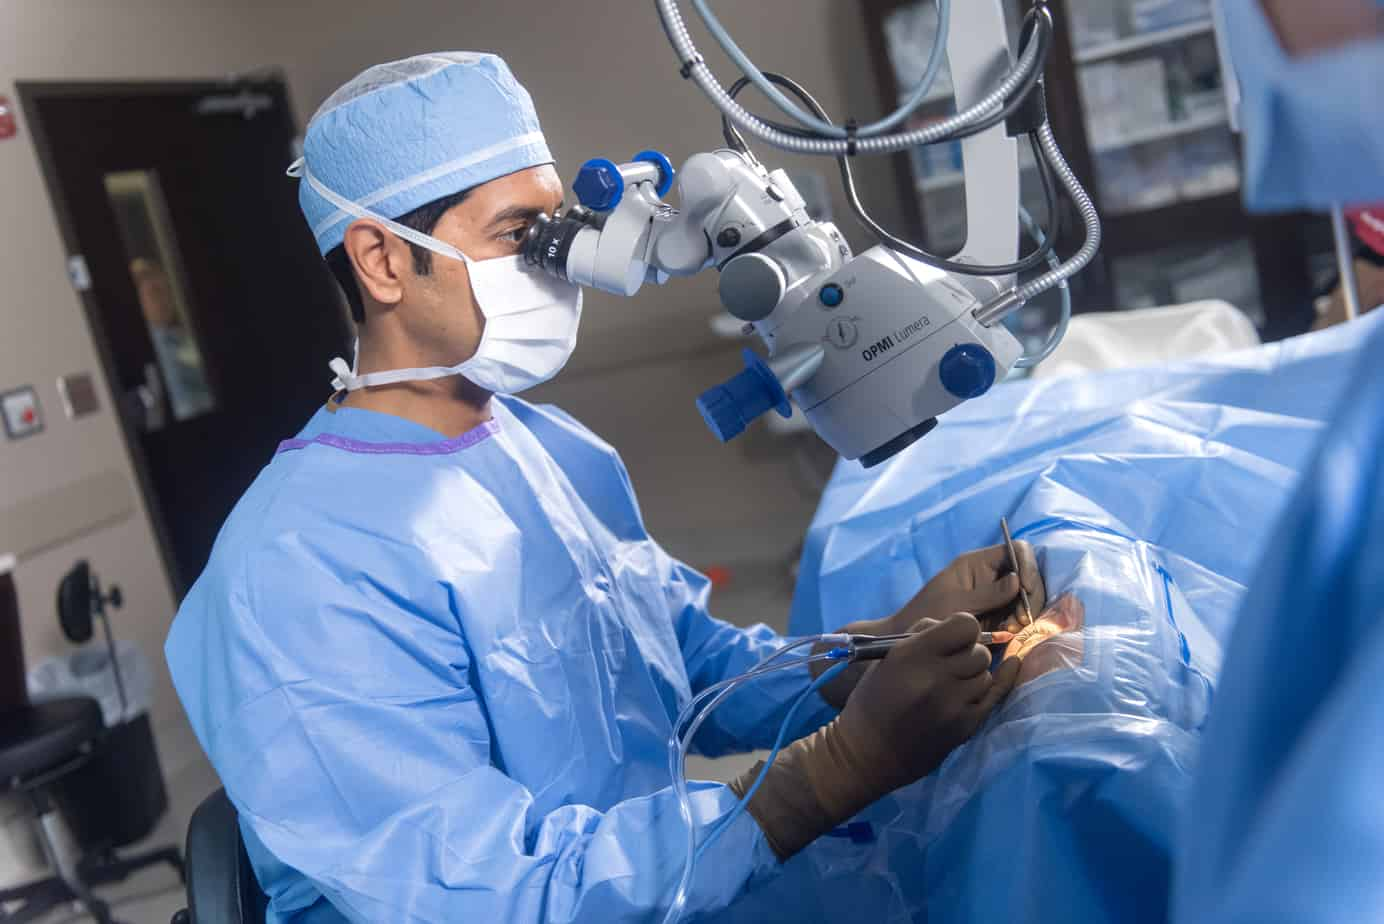 Правительство Марий Эл выделило 7,8 млн рублей на современное медицинское оборудование